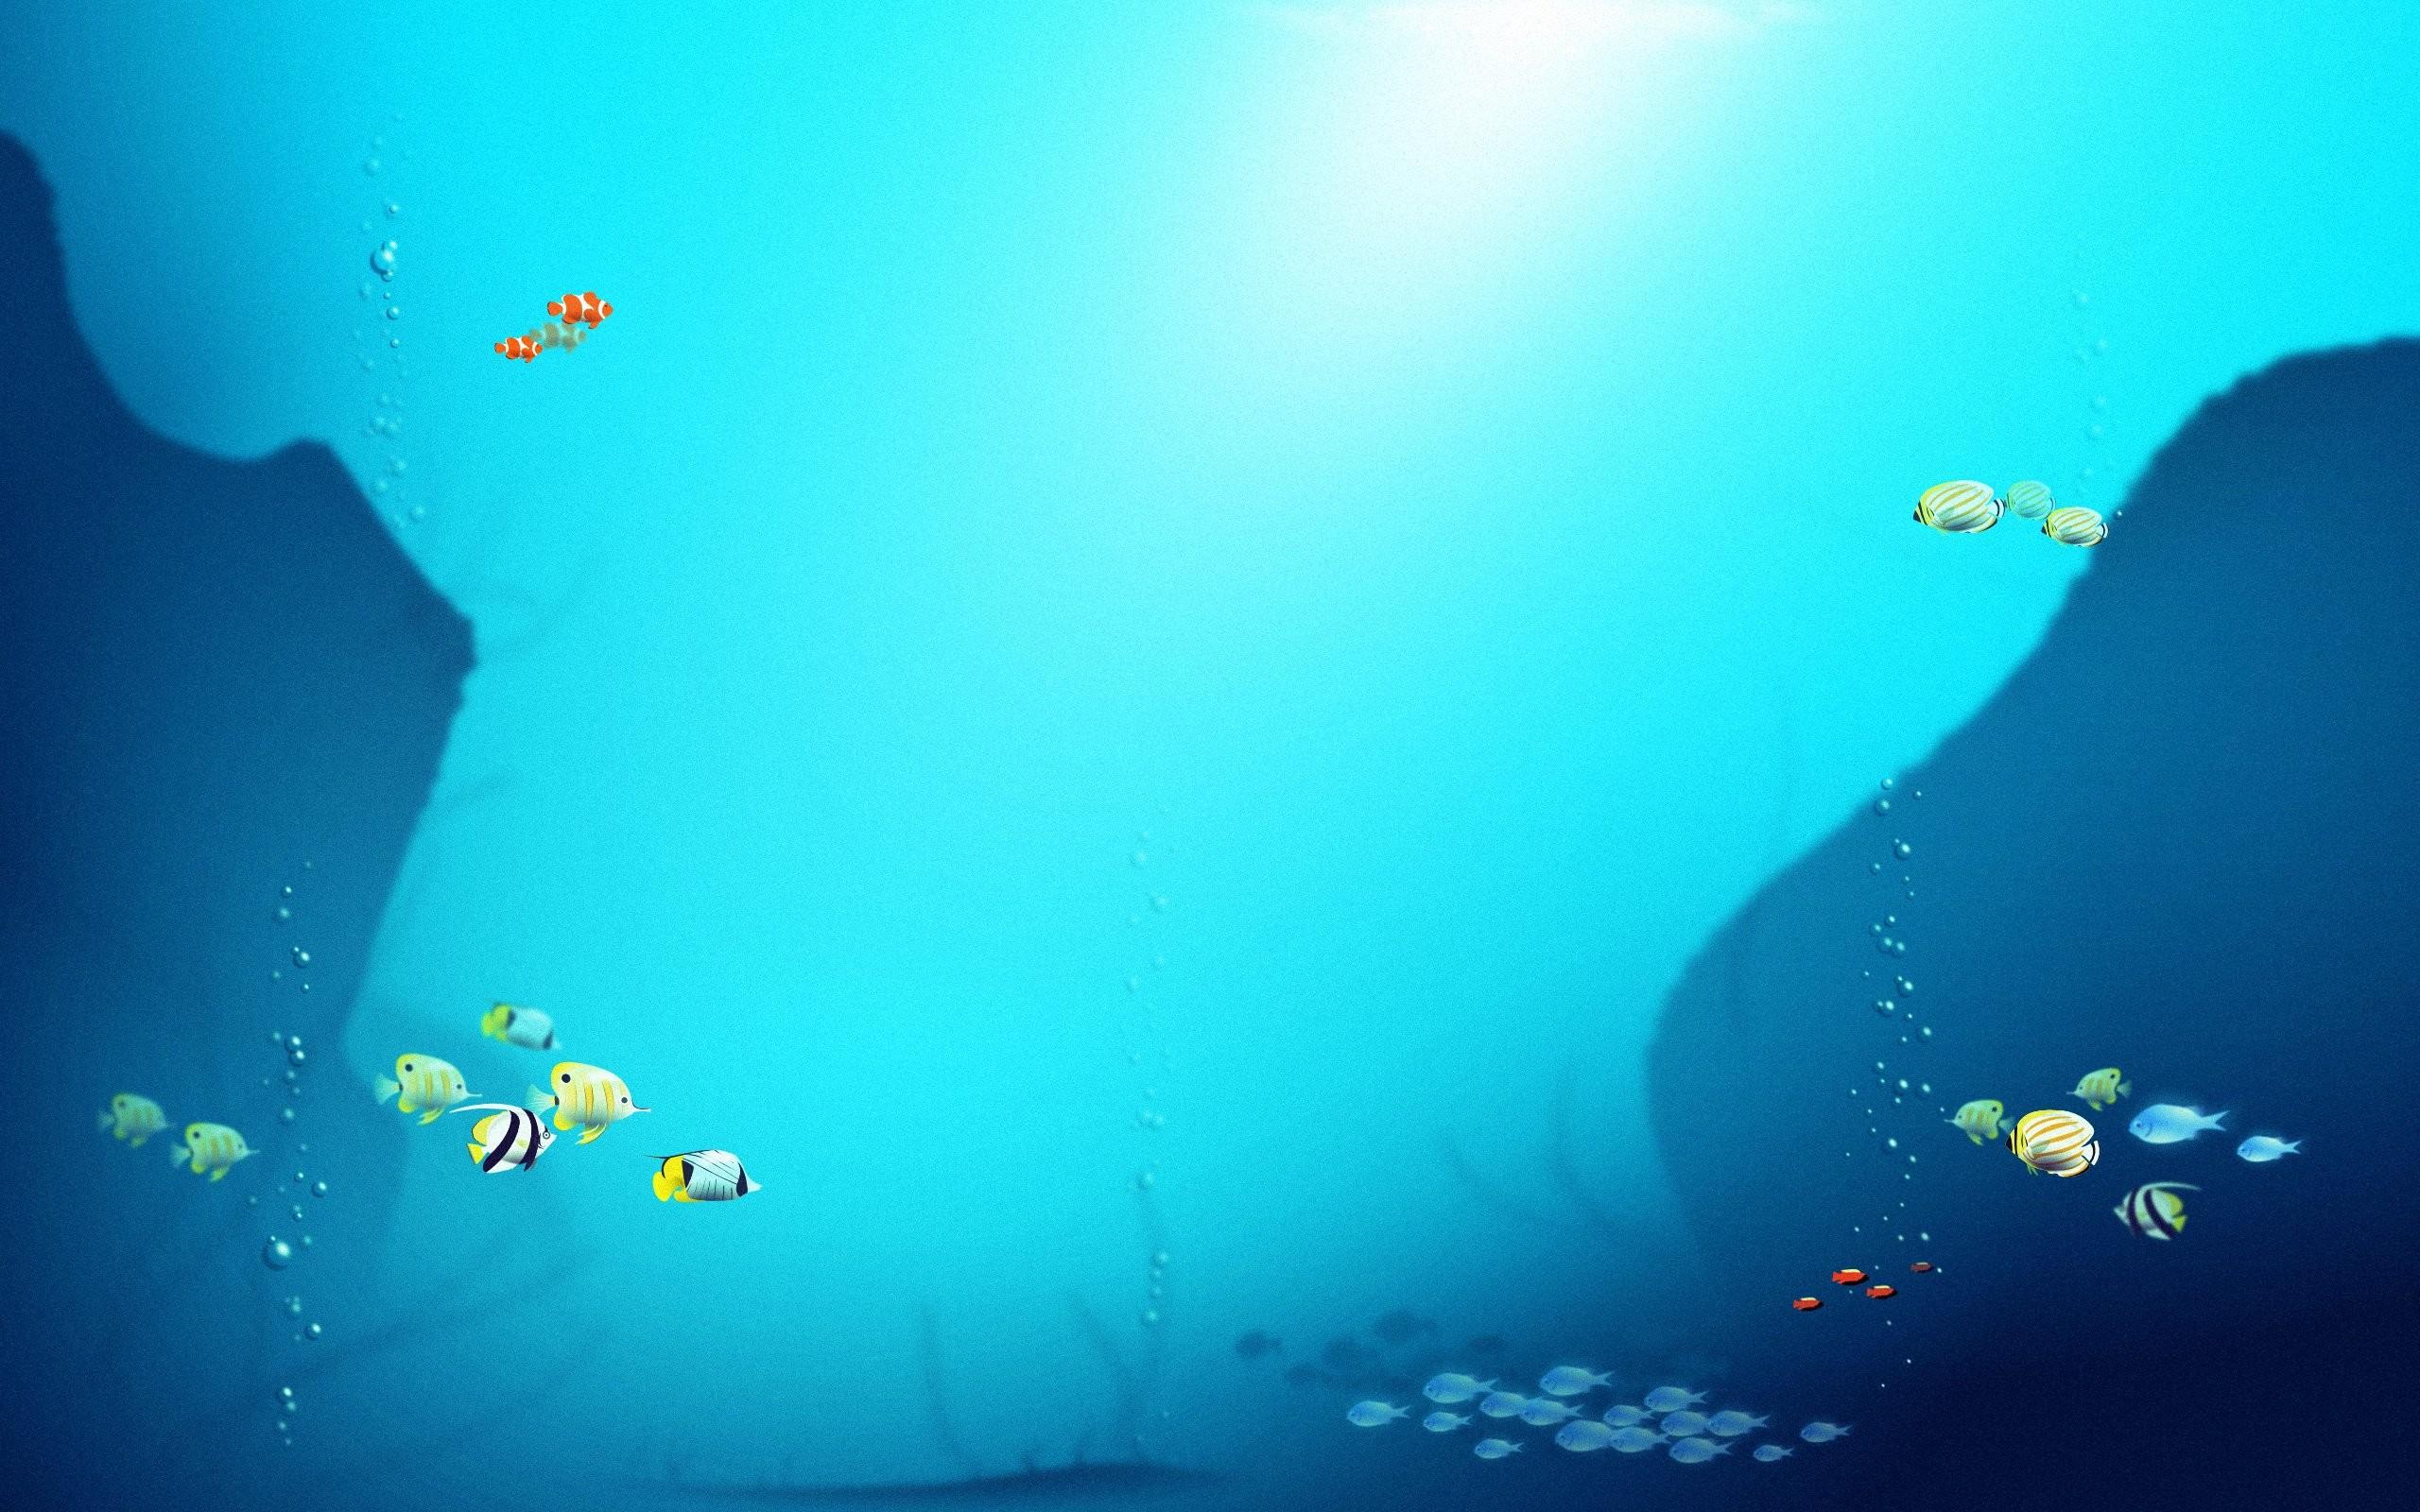 Fish Background - WallpaperSafari